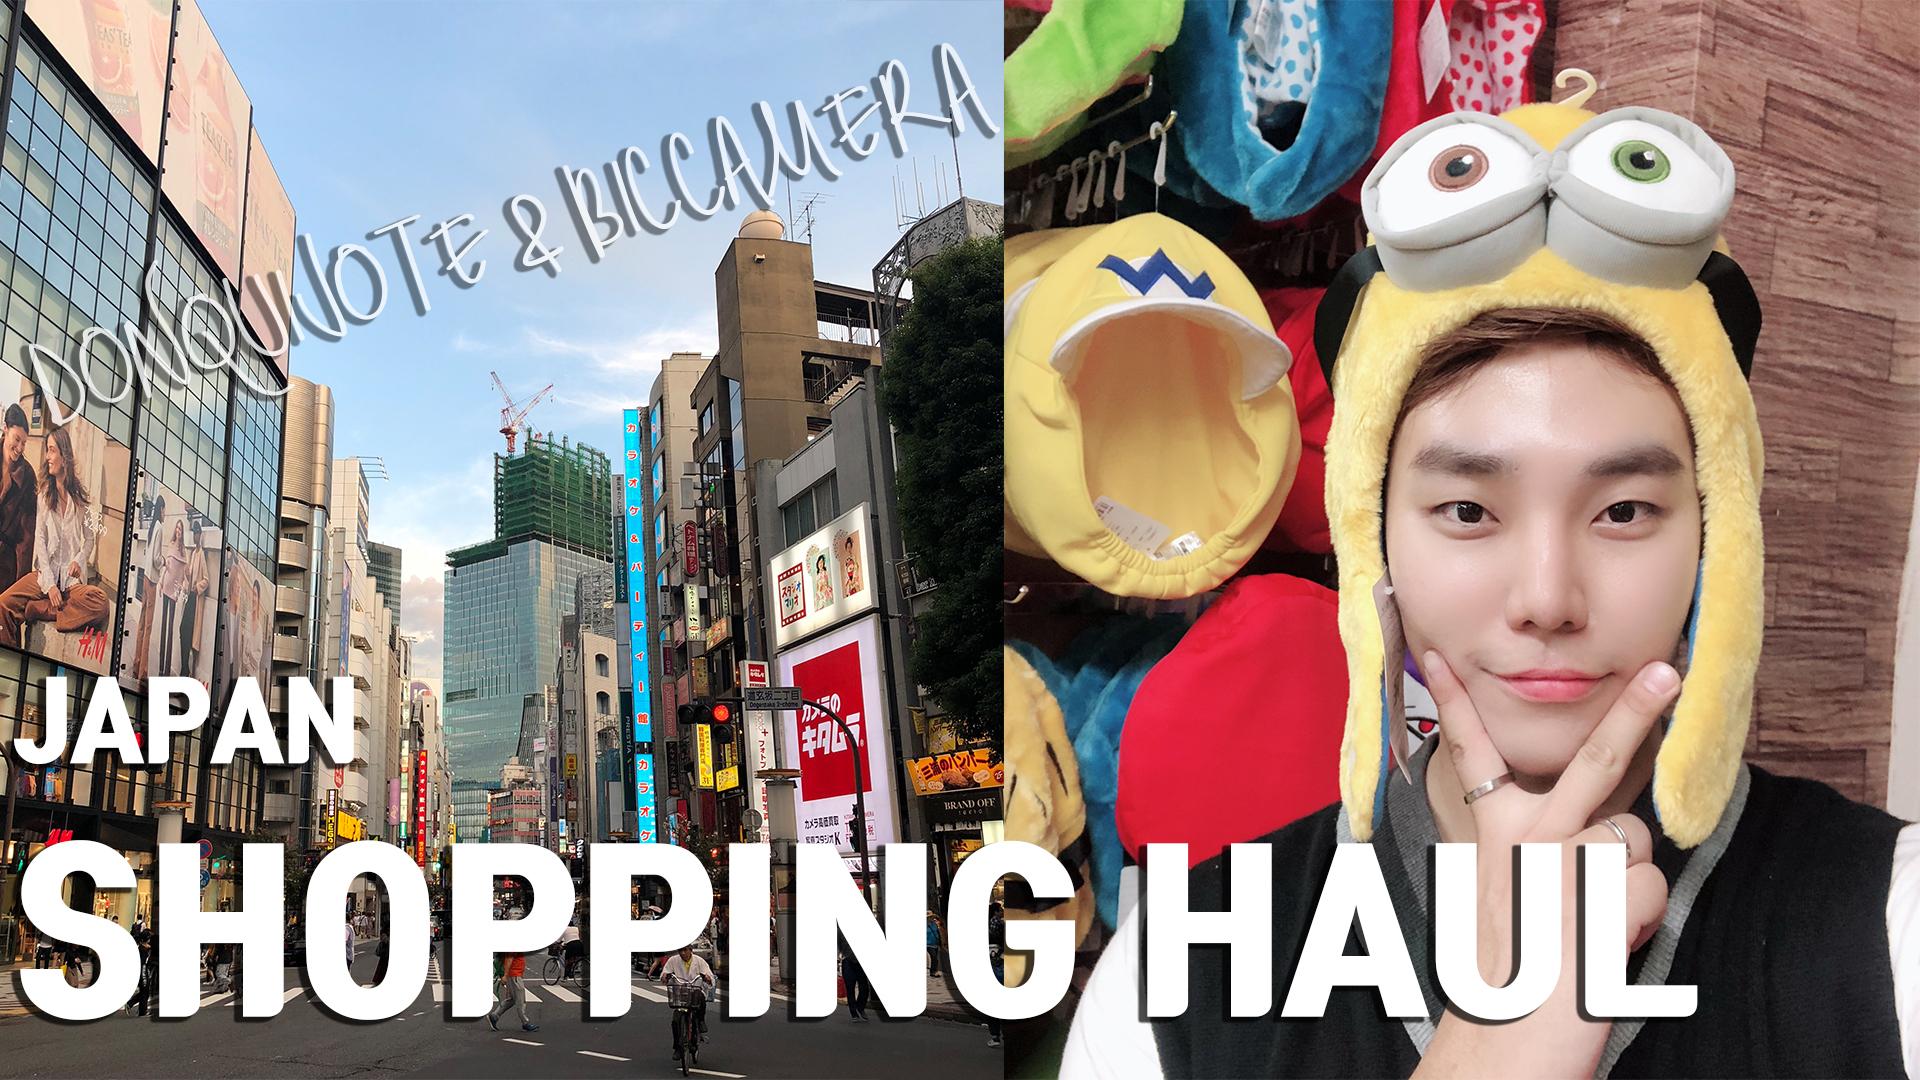 돈키호테 + 빅카메라 쇼핑 하울 리뷰! / JAPAN shopping haul